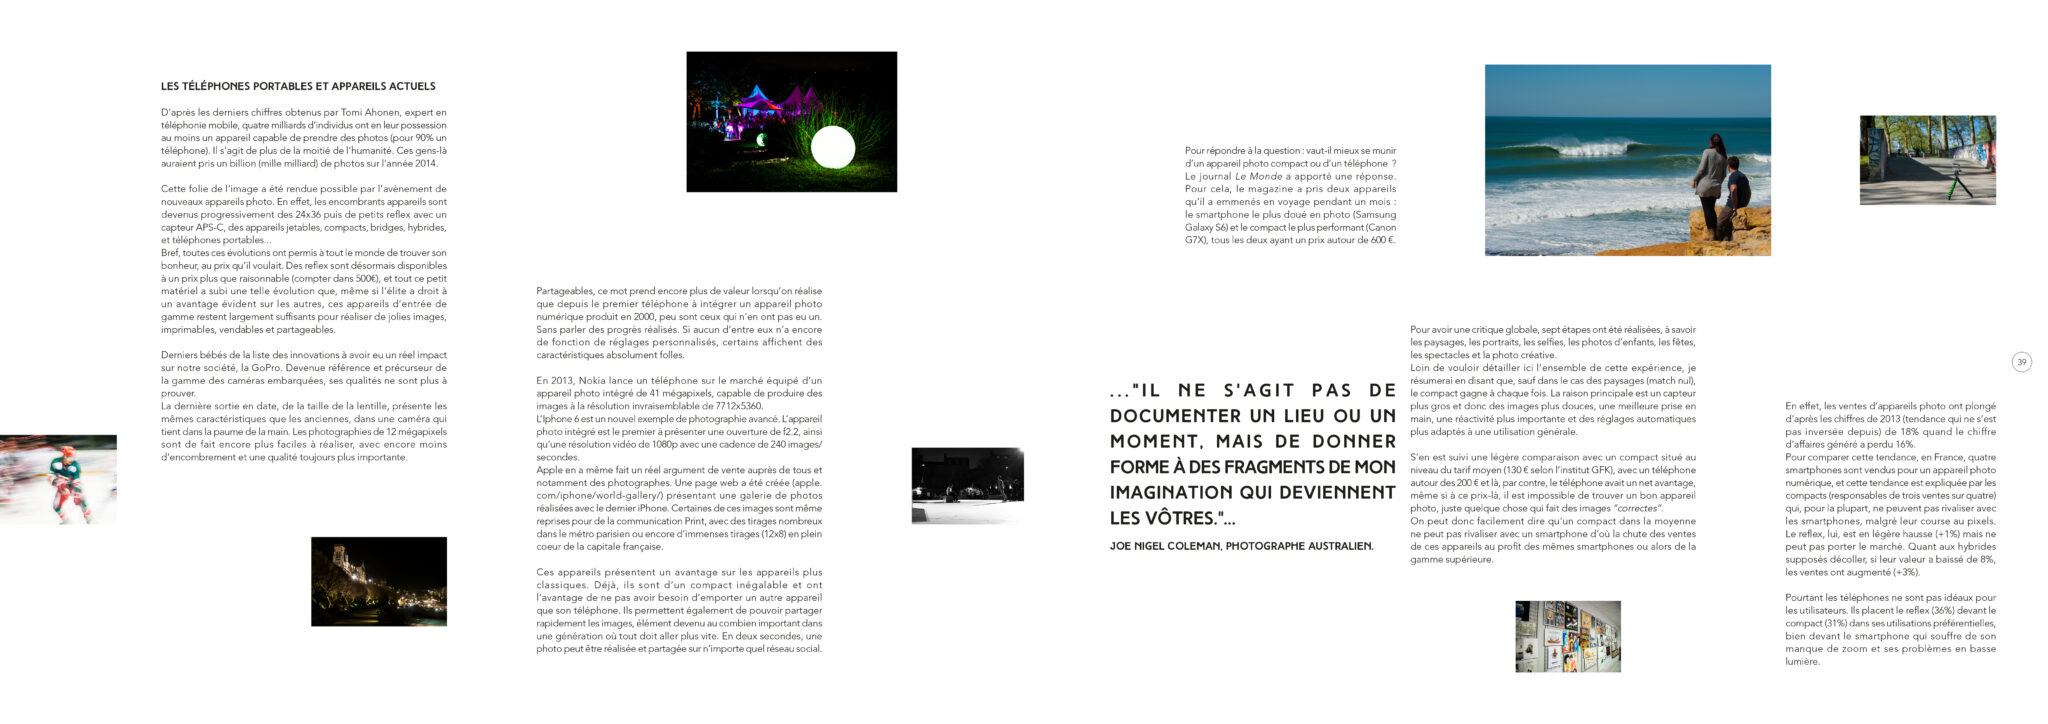 Pages 38 et 39.